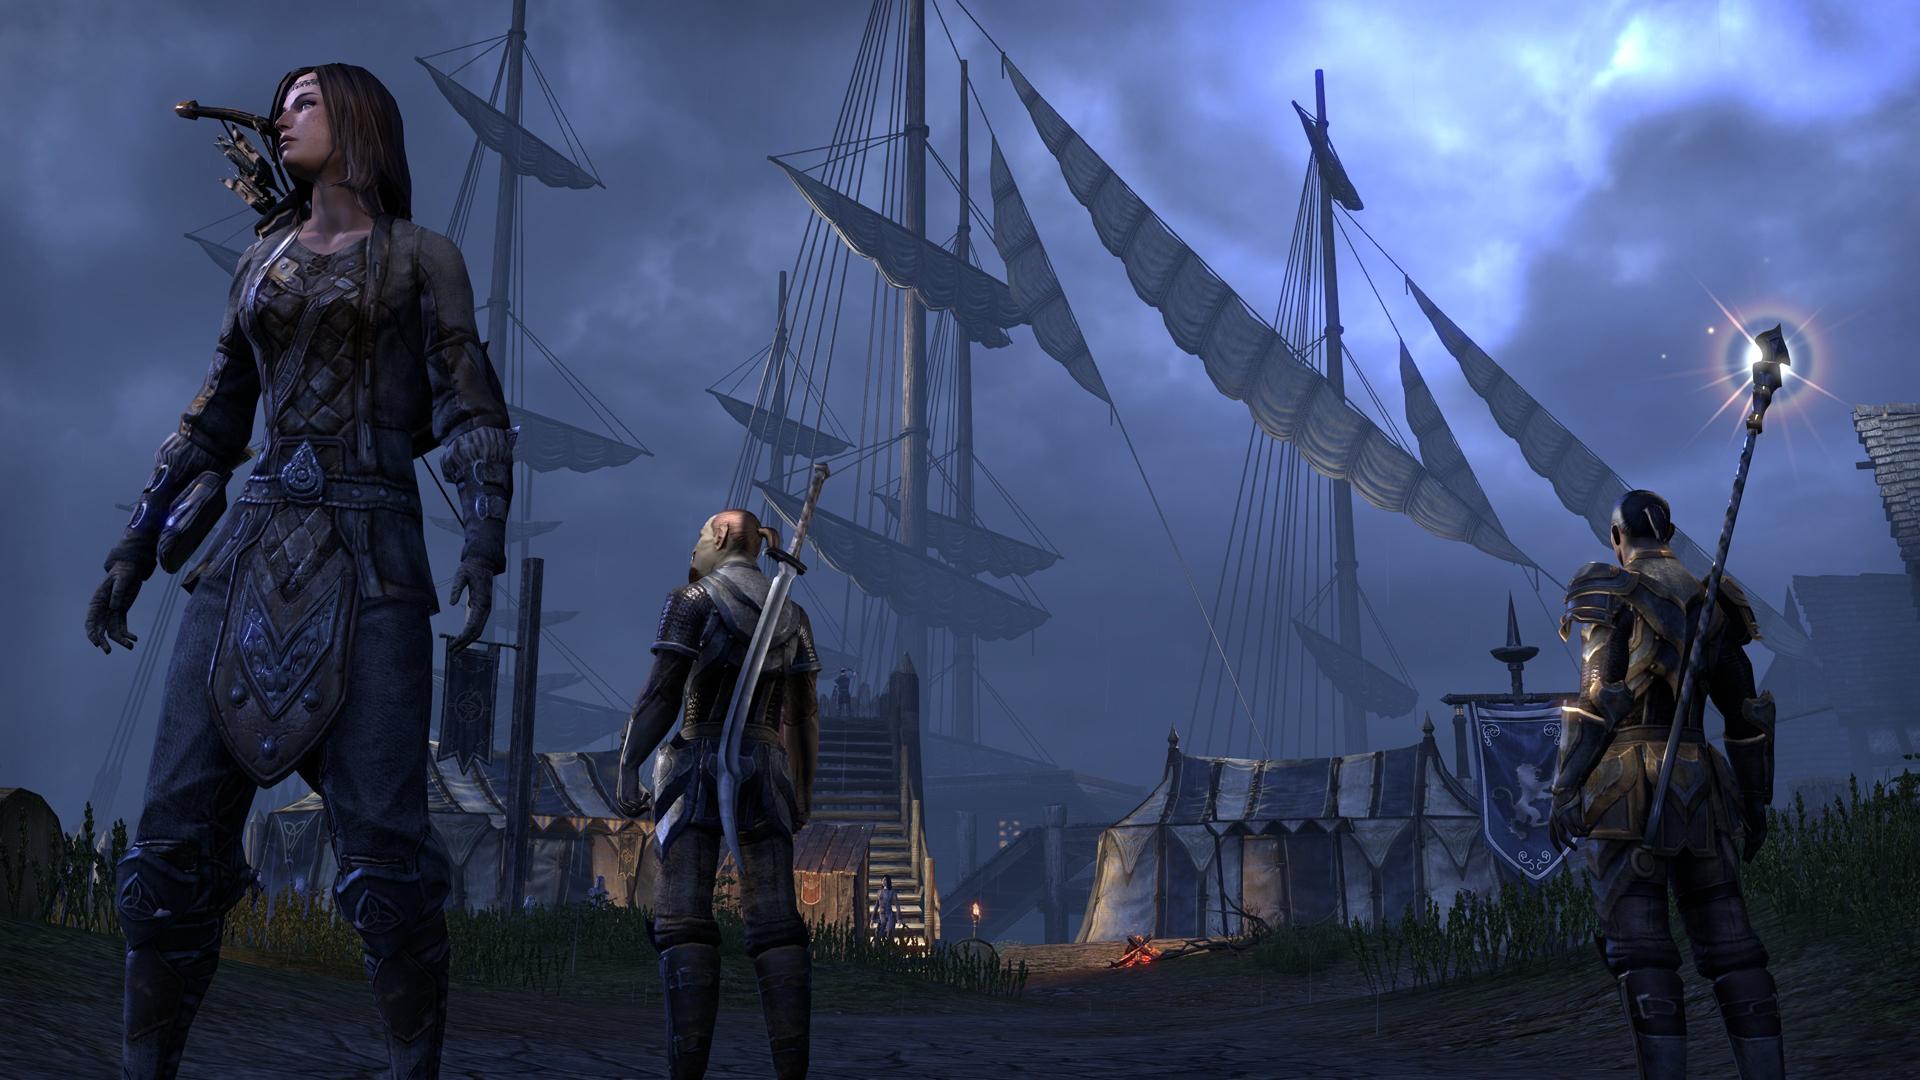 Bethesda Online Studios独自開発のゲームエンジンによる美しいグラフィックス。昨年公開されたスクリーンショットと比較すると、エフェクト回りの表現が充実し、一気にリアリティが増した